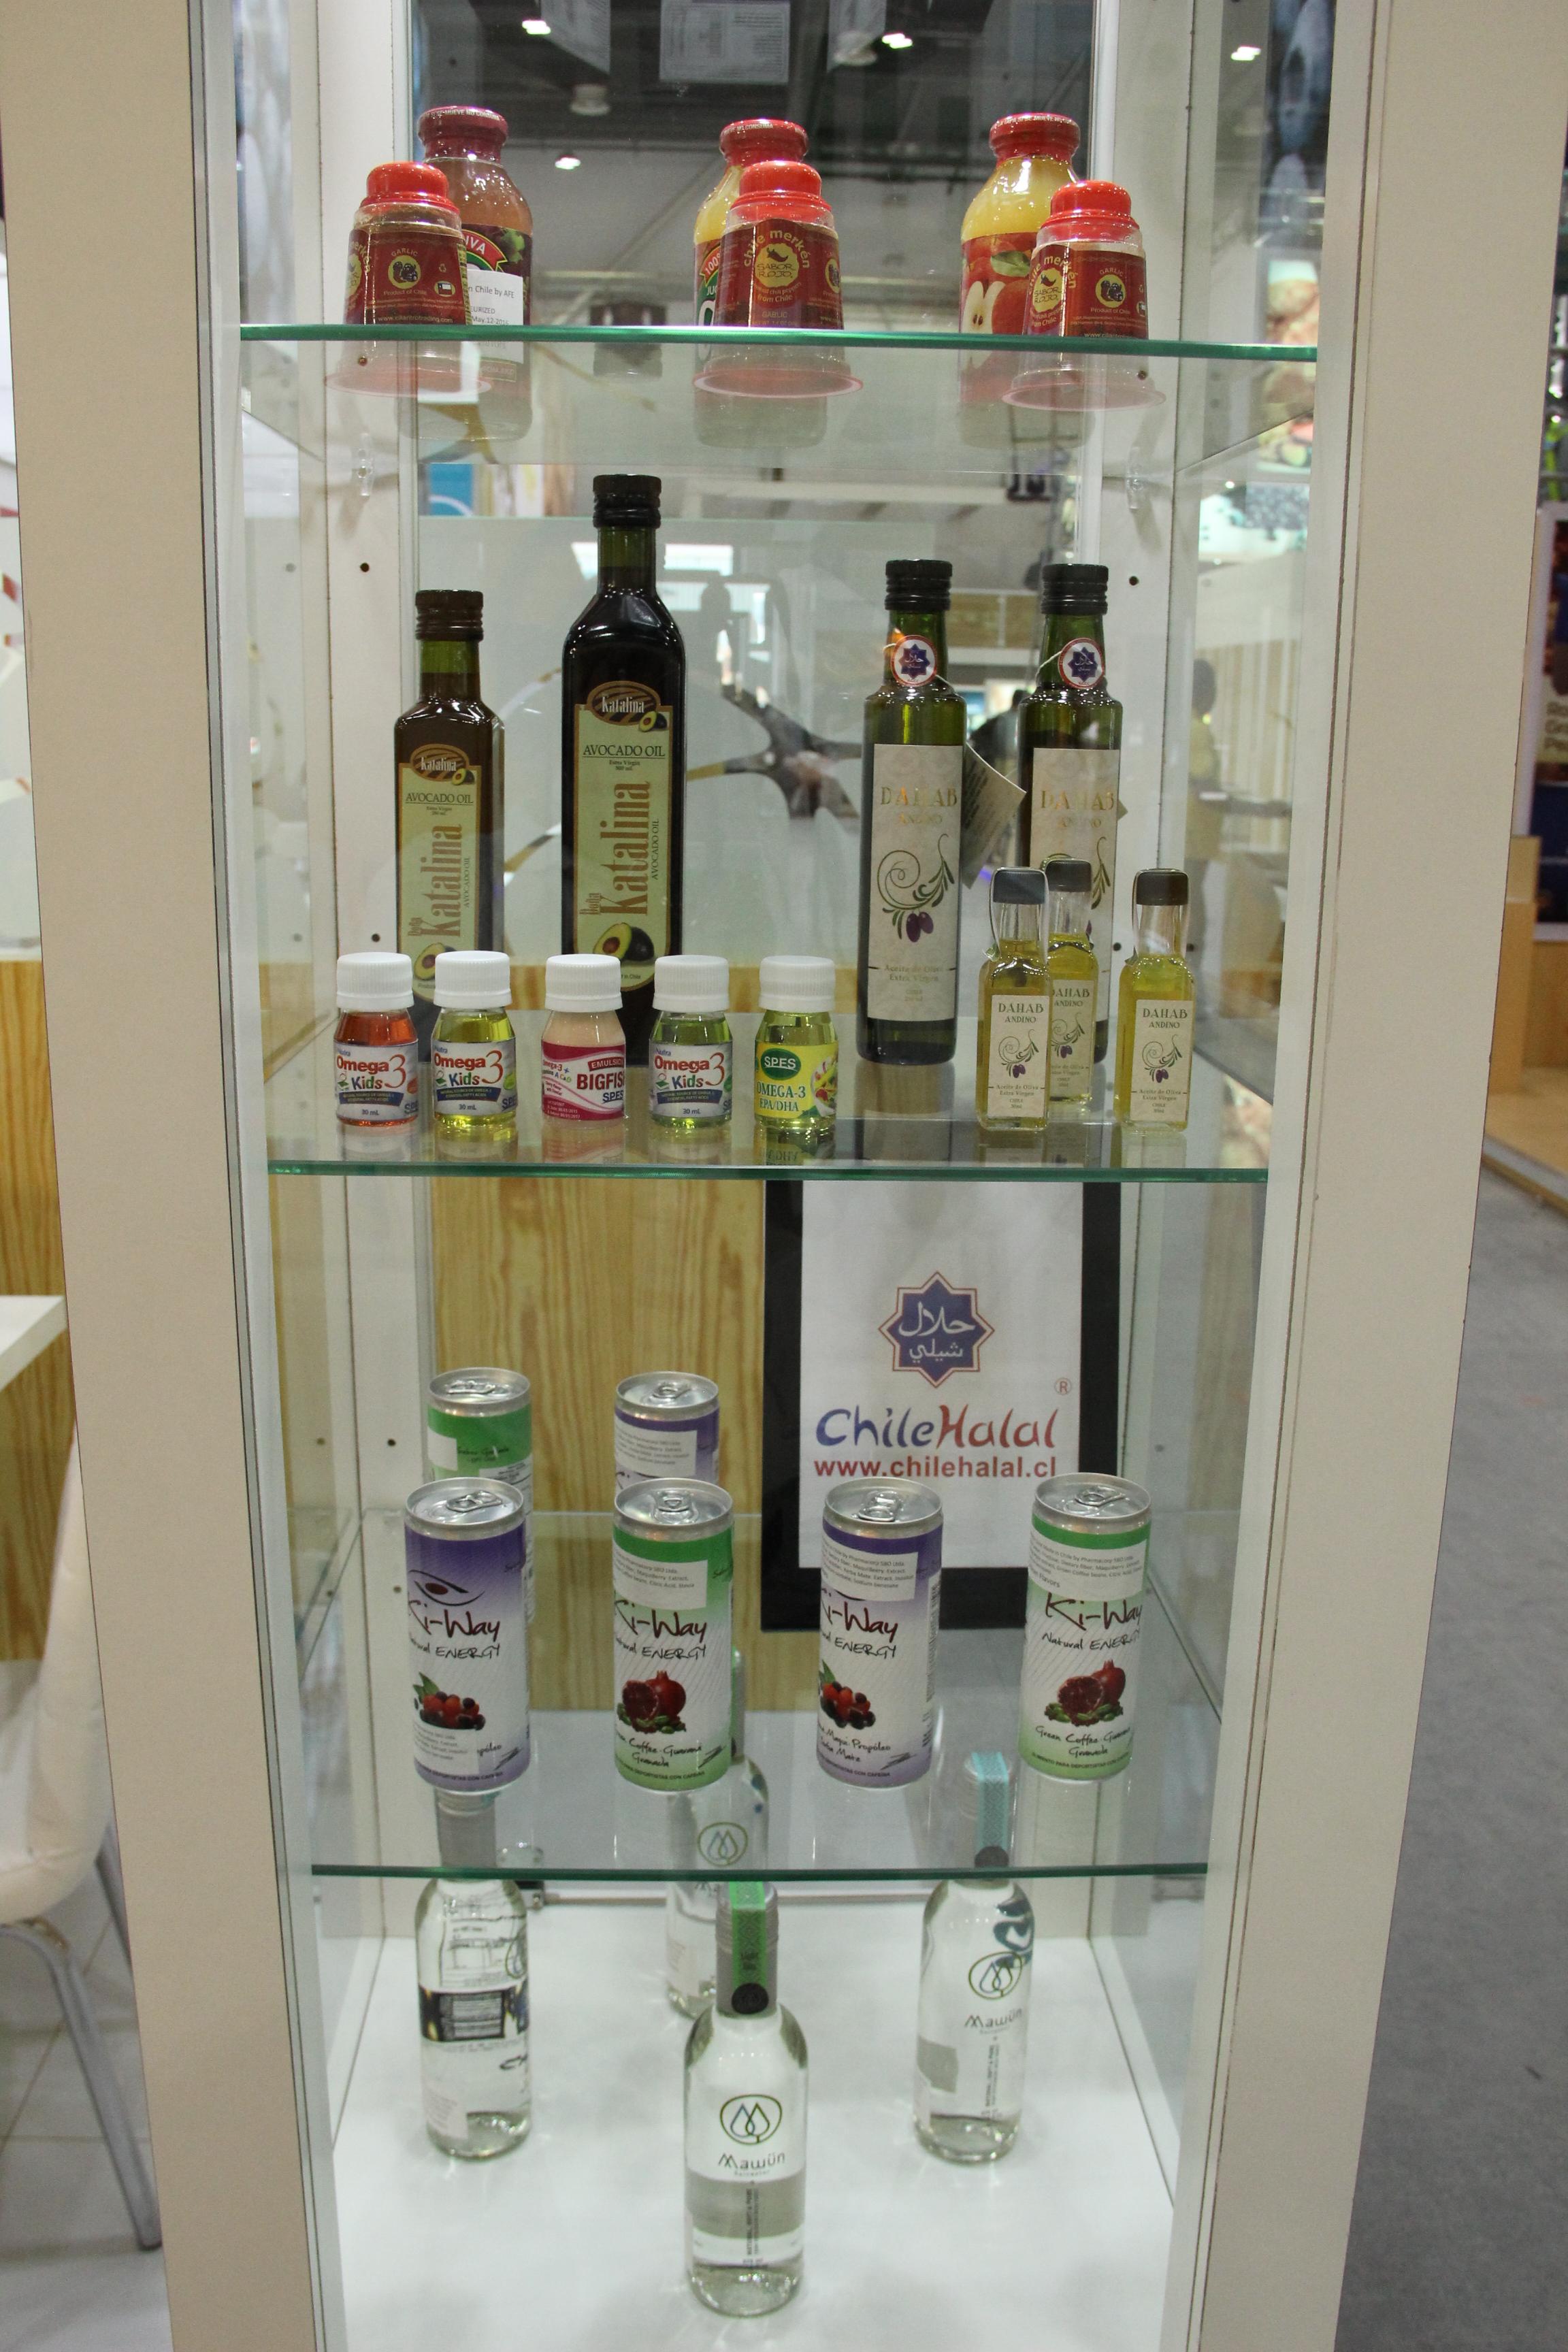 Chilehalal en Gulfood 2015 Dubaï promoviendo los productos chilenos y la Halal Expo Latino Americana en el Stand de Prochile